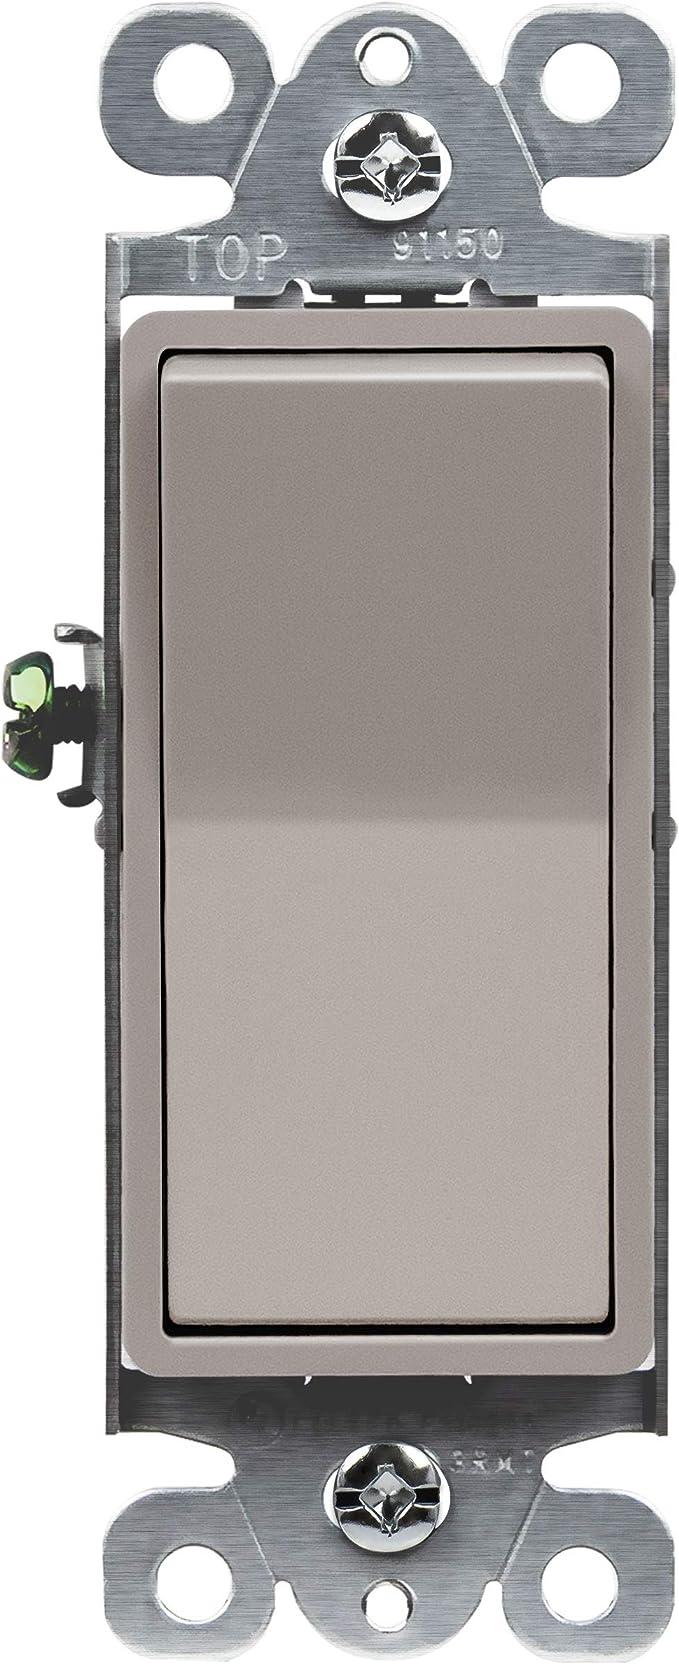 Amazon.com: Enerlites 91150 - Interruptor basculante de 15 ...